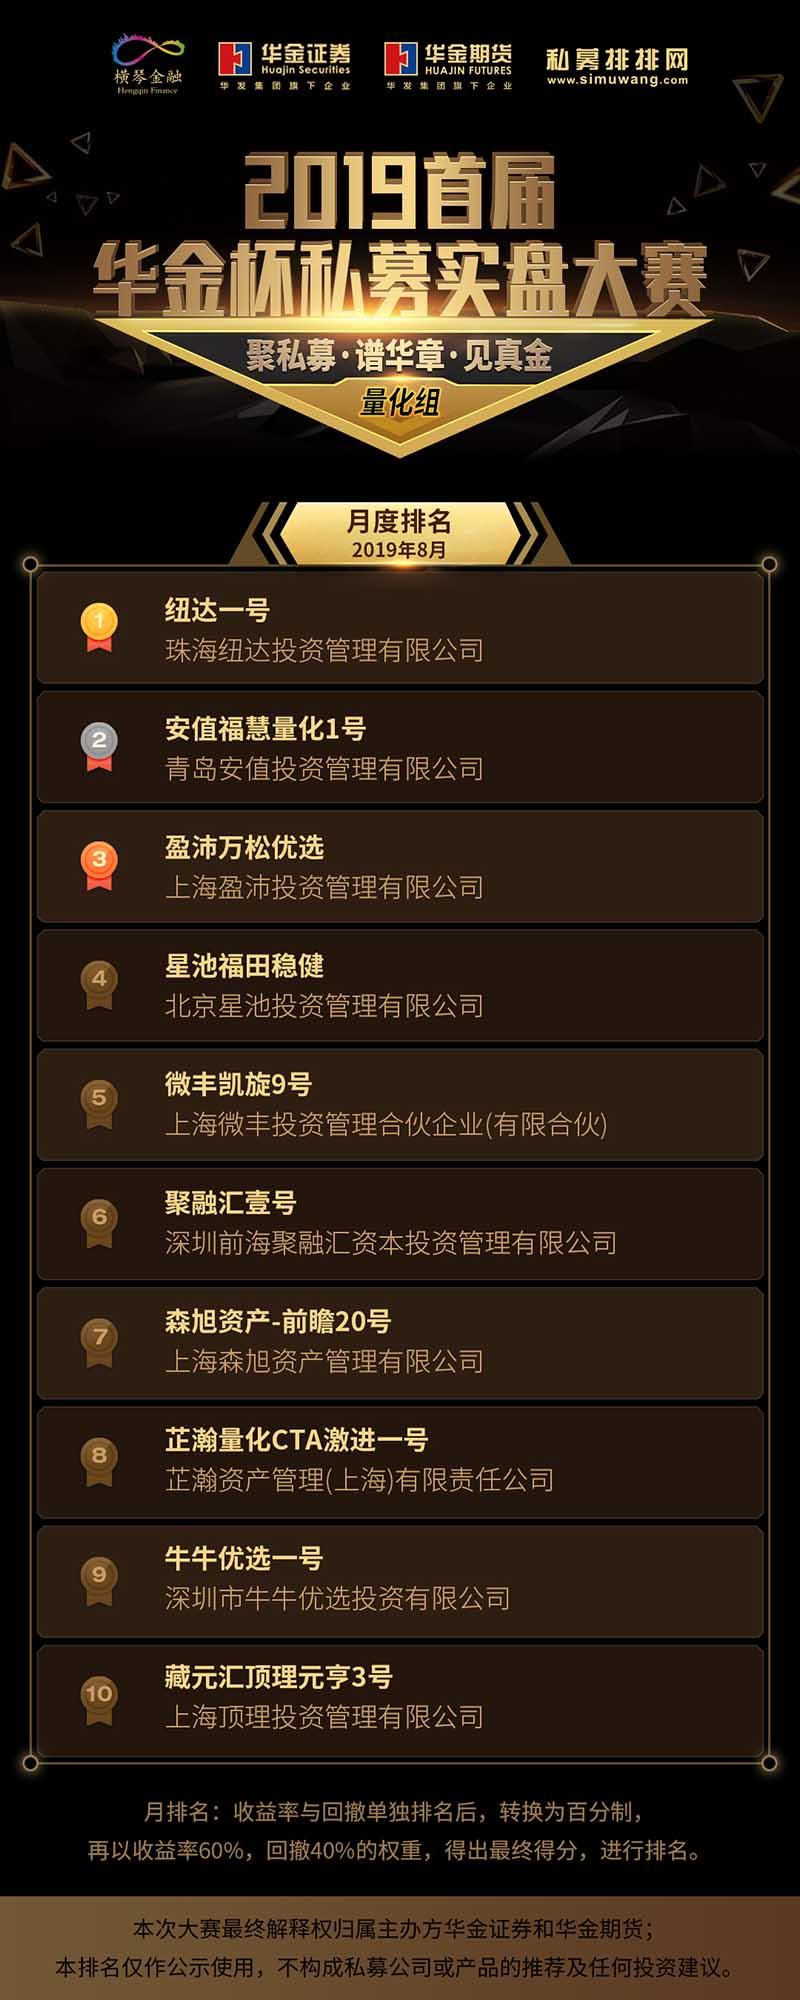 榜单2.jpg